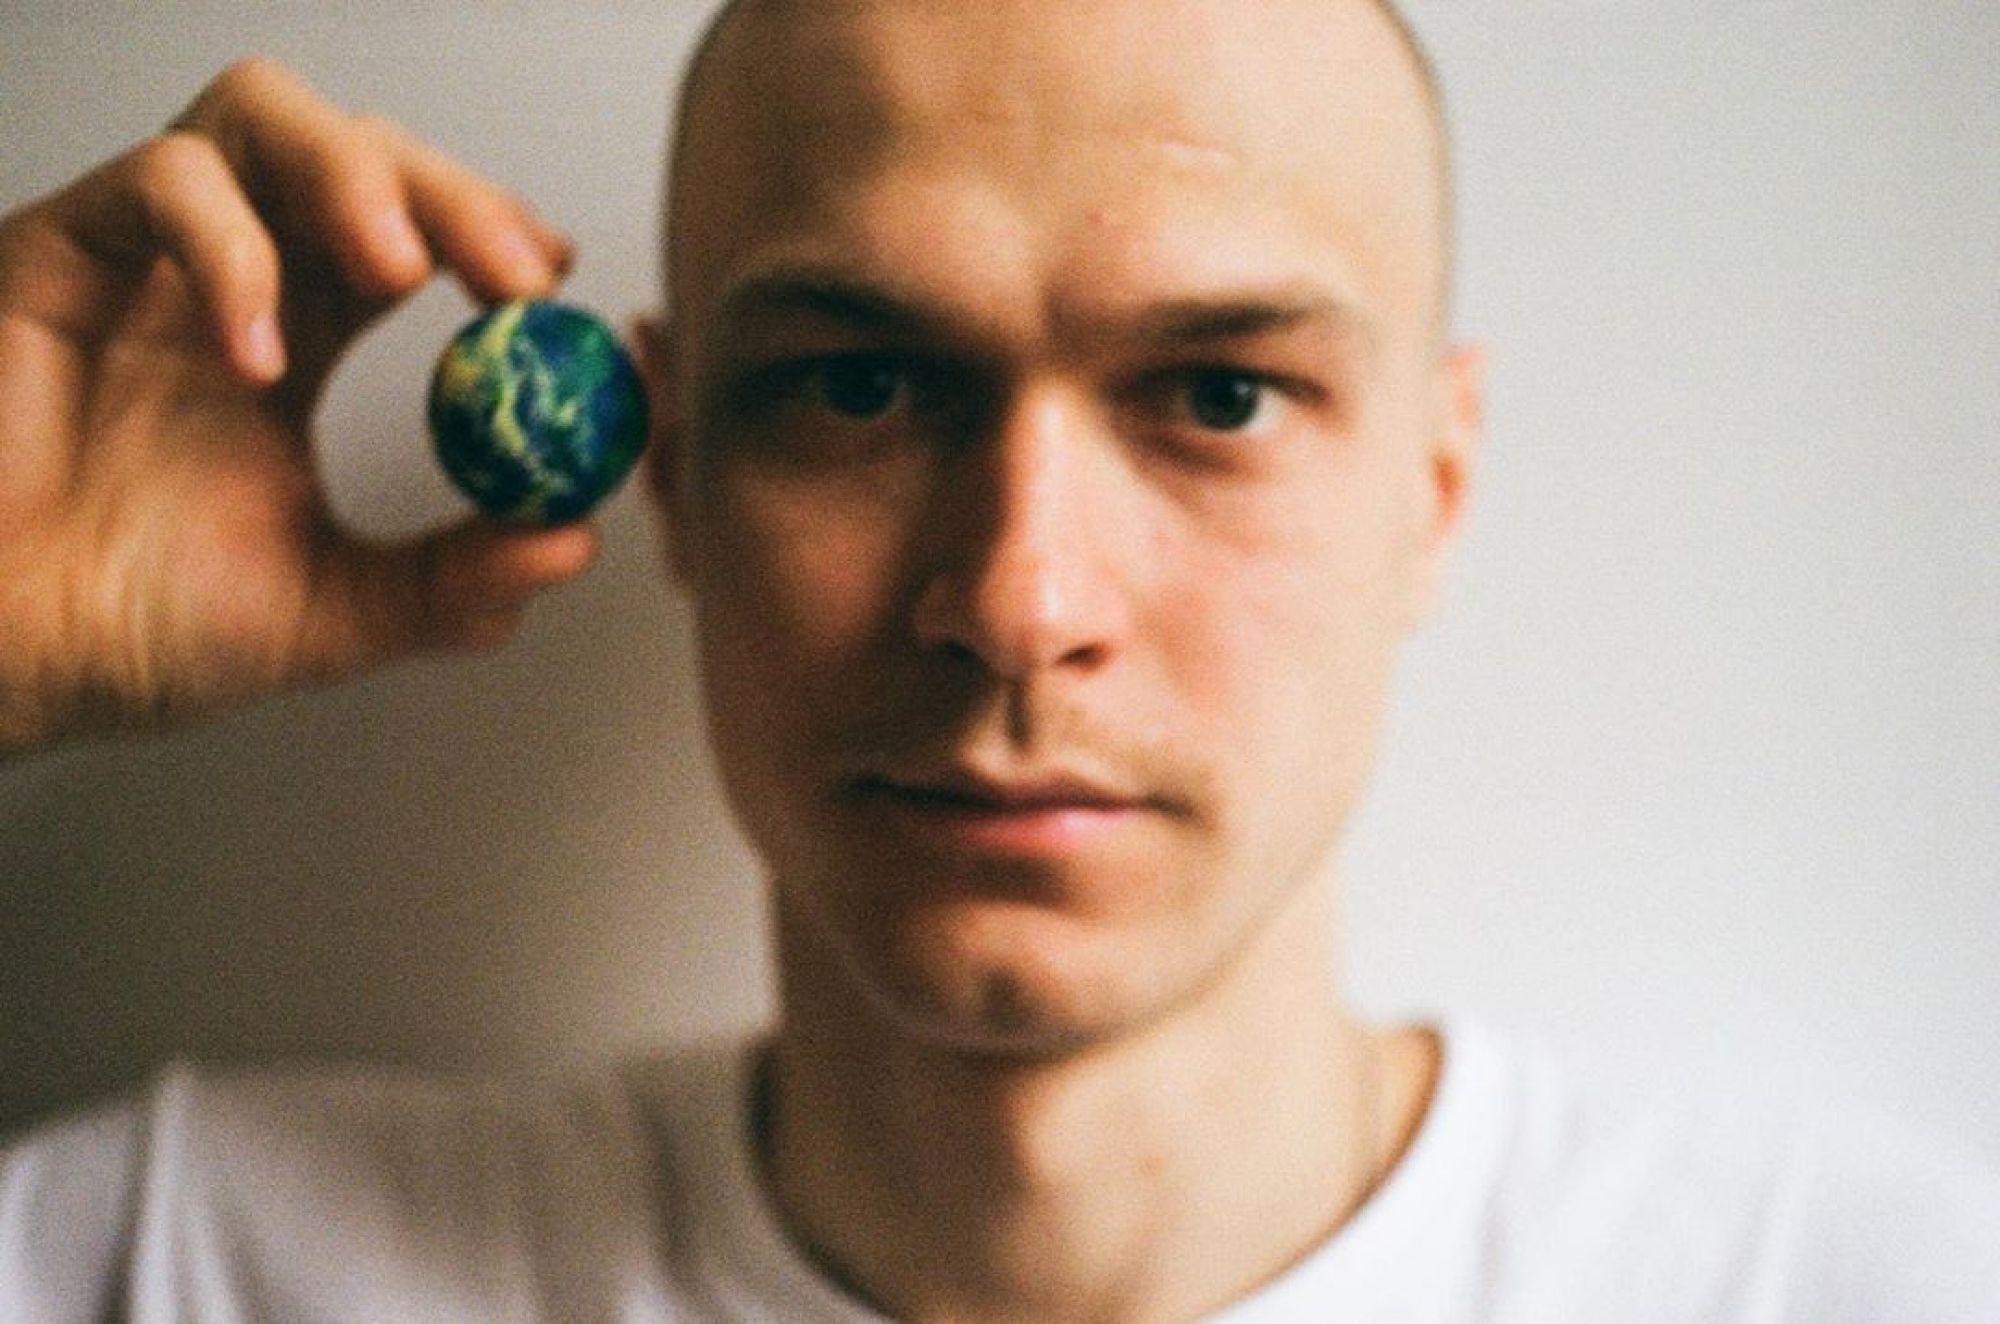 Звезда сериала «Ольга» Юрий Борисов рассказал Юрию Дудю, как принимал наркотики ради роли